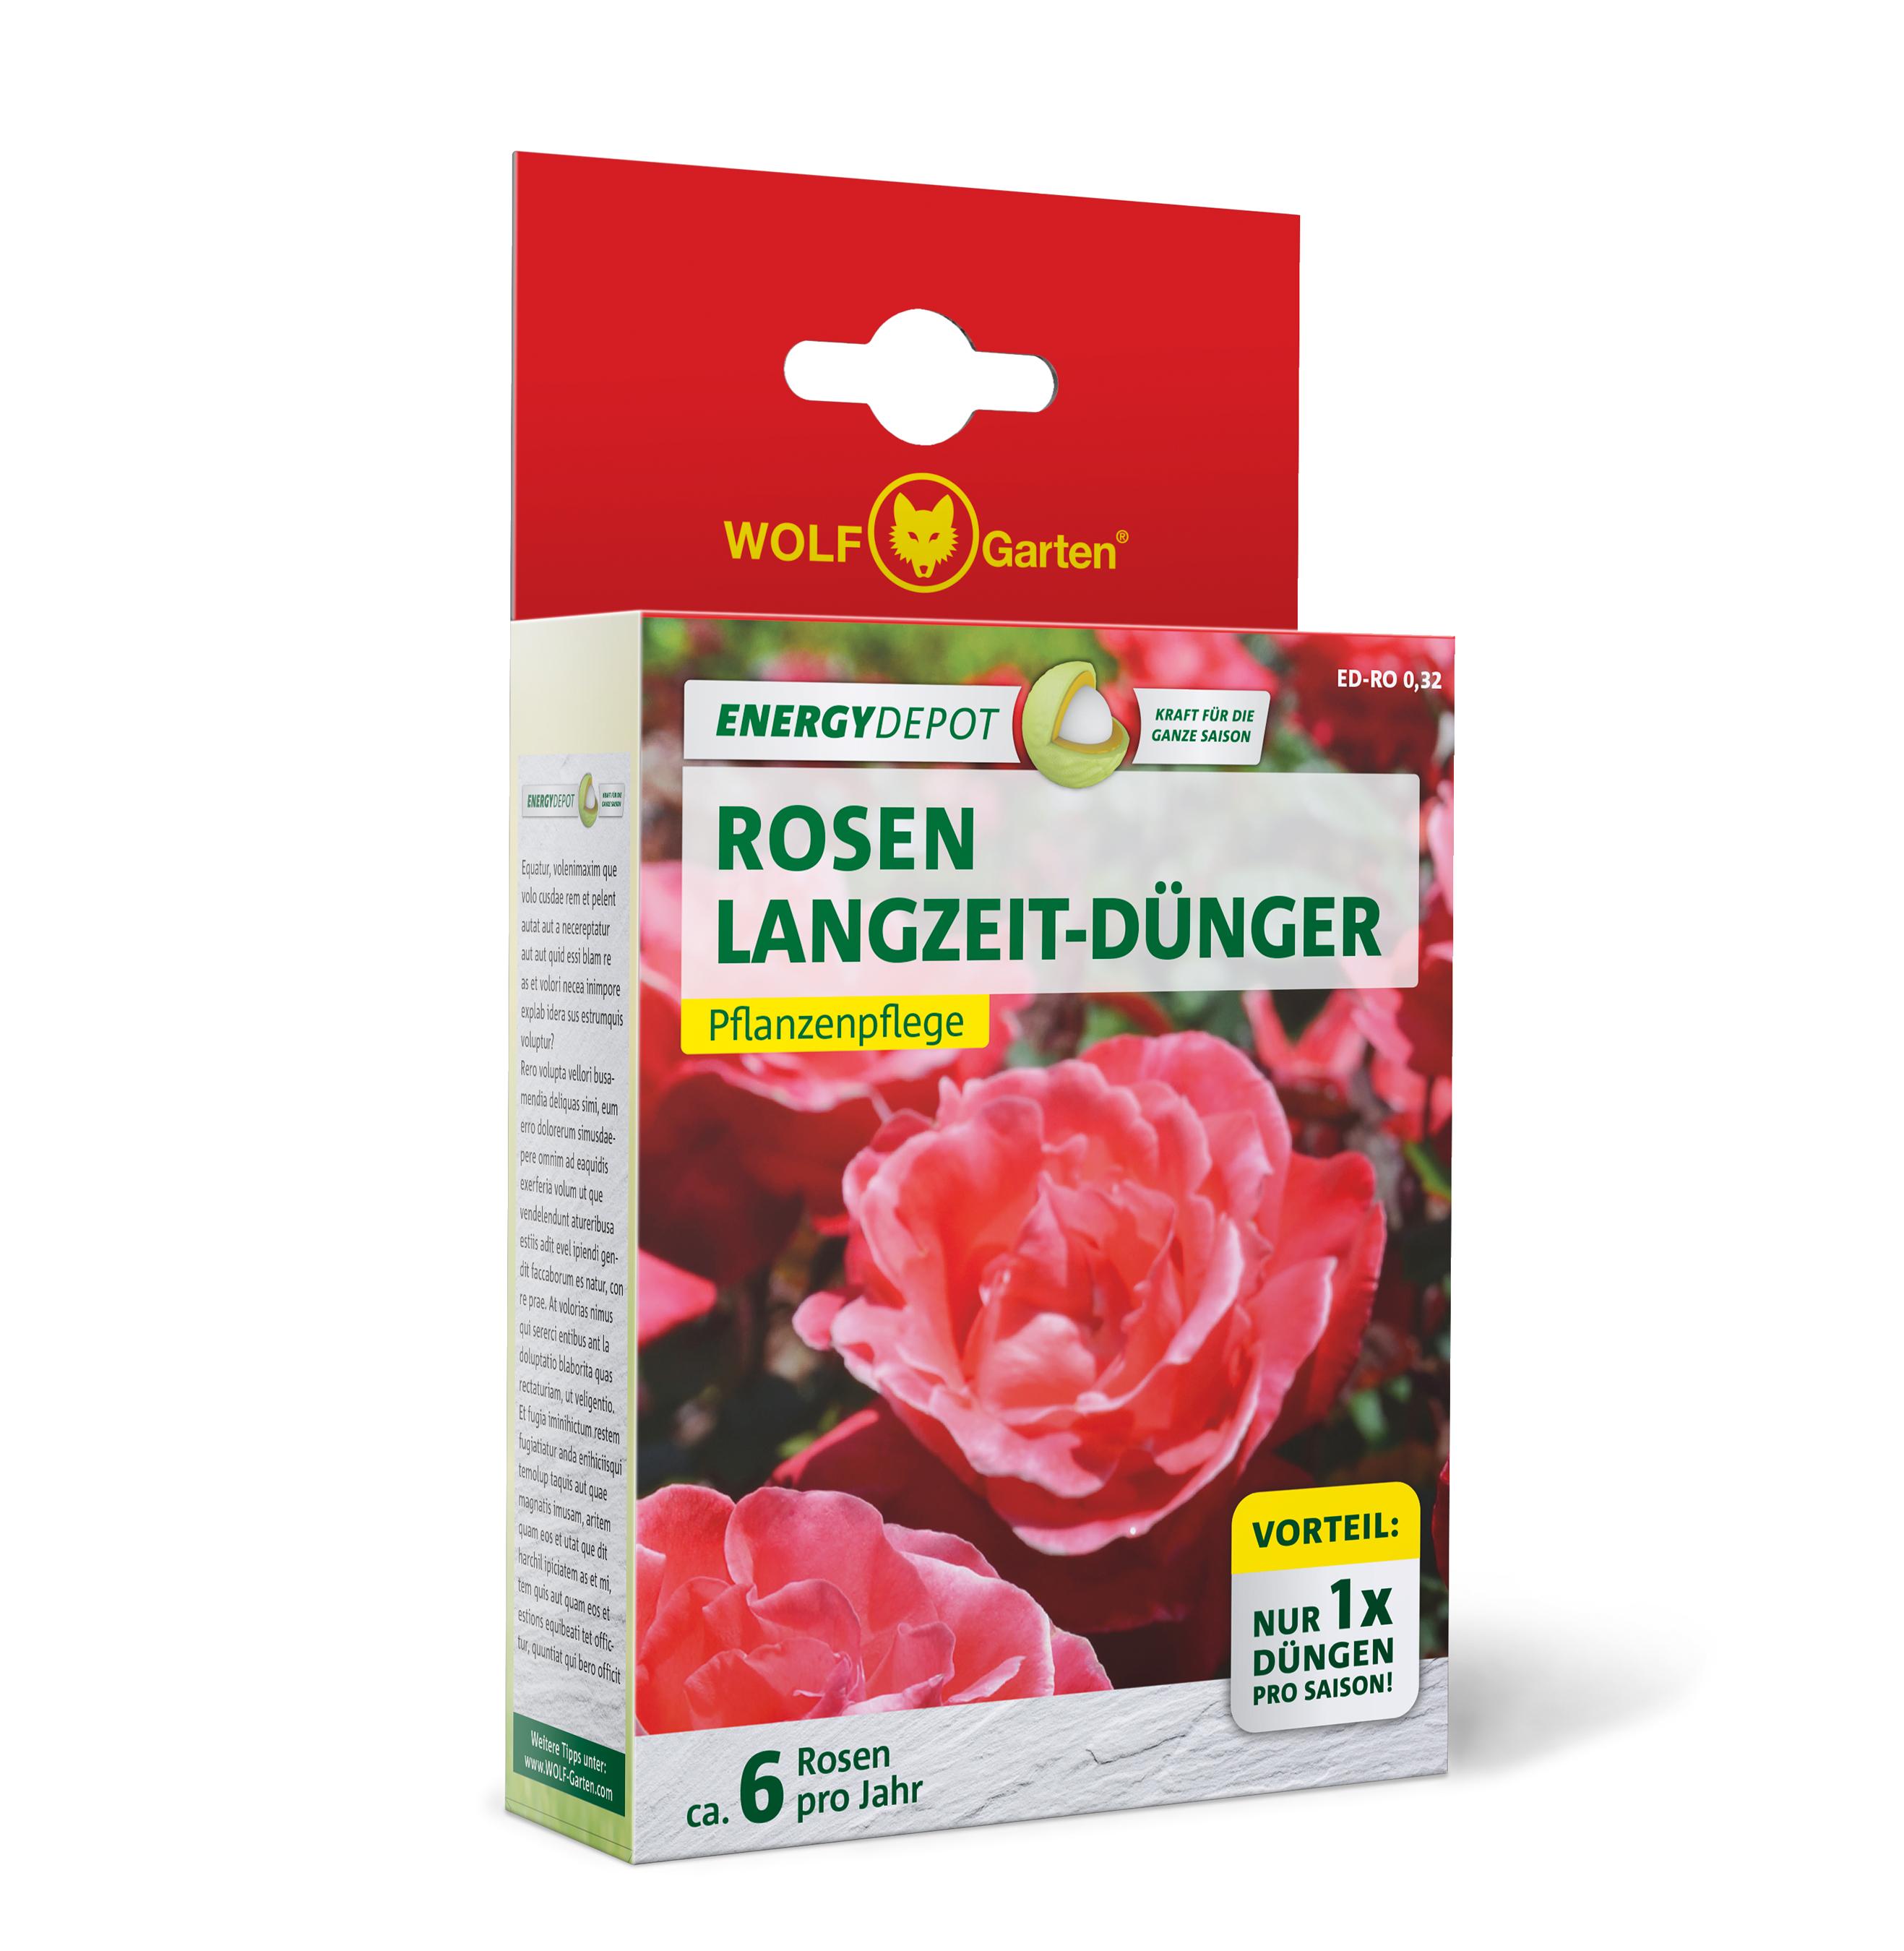 Wolf Garten Rosen Langzeit-Dünger Energy Depot 320g Bild 1